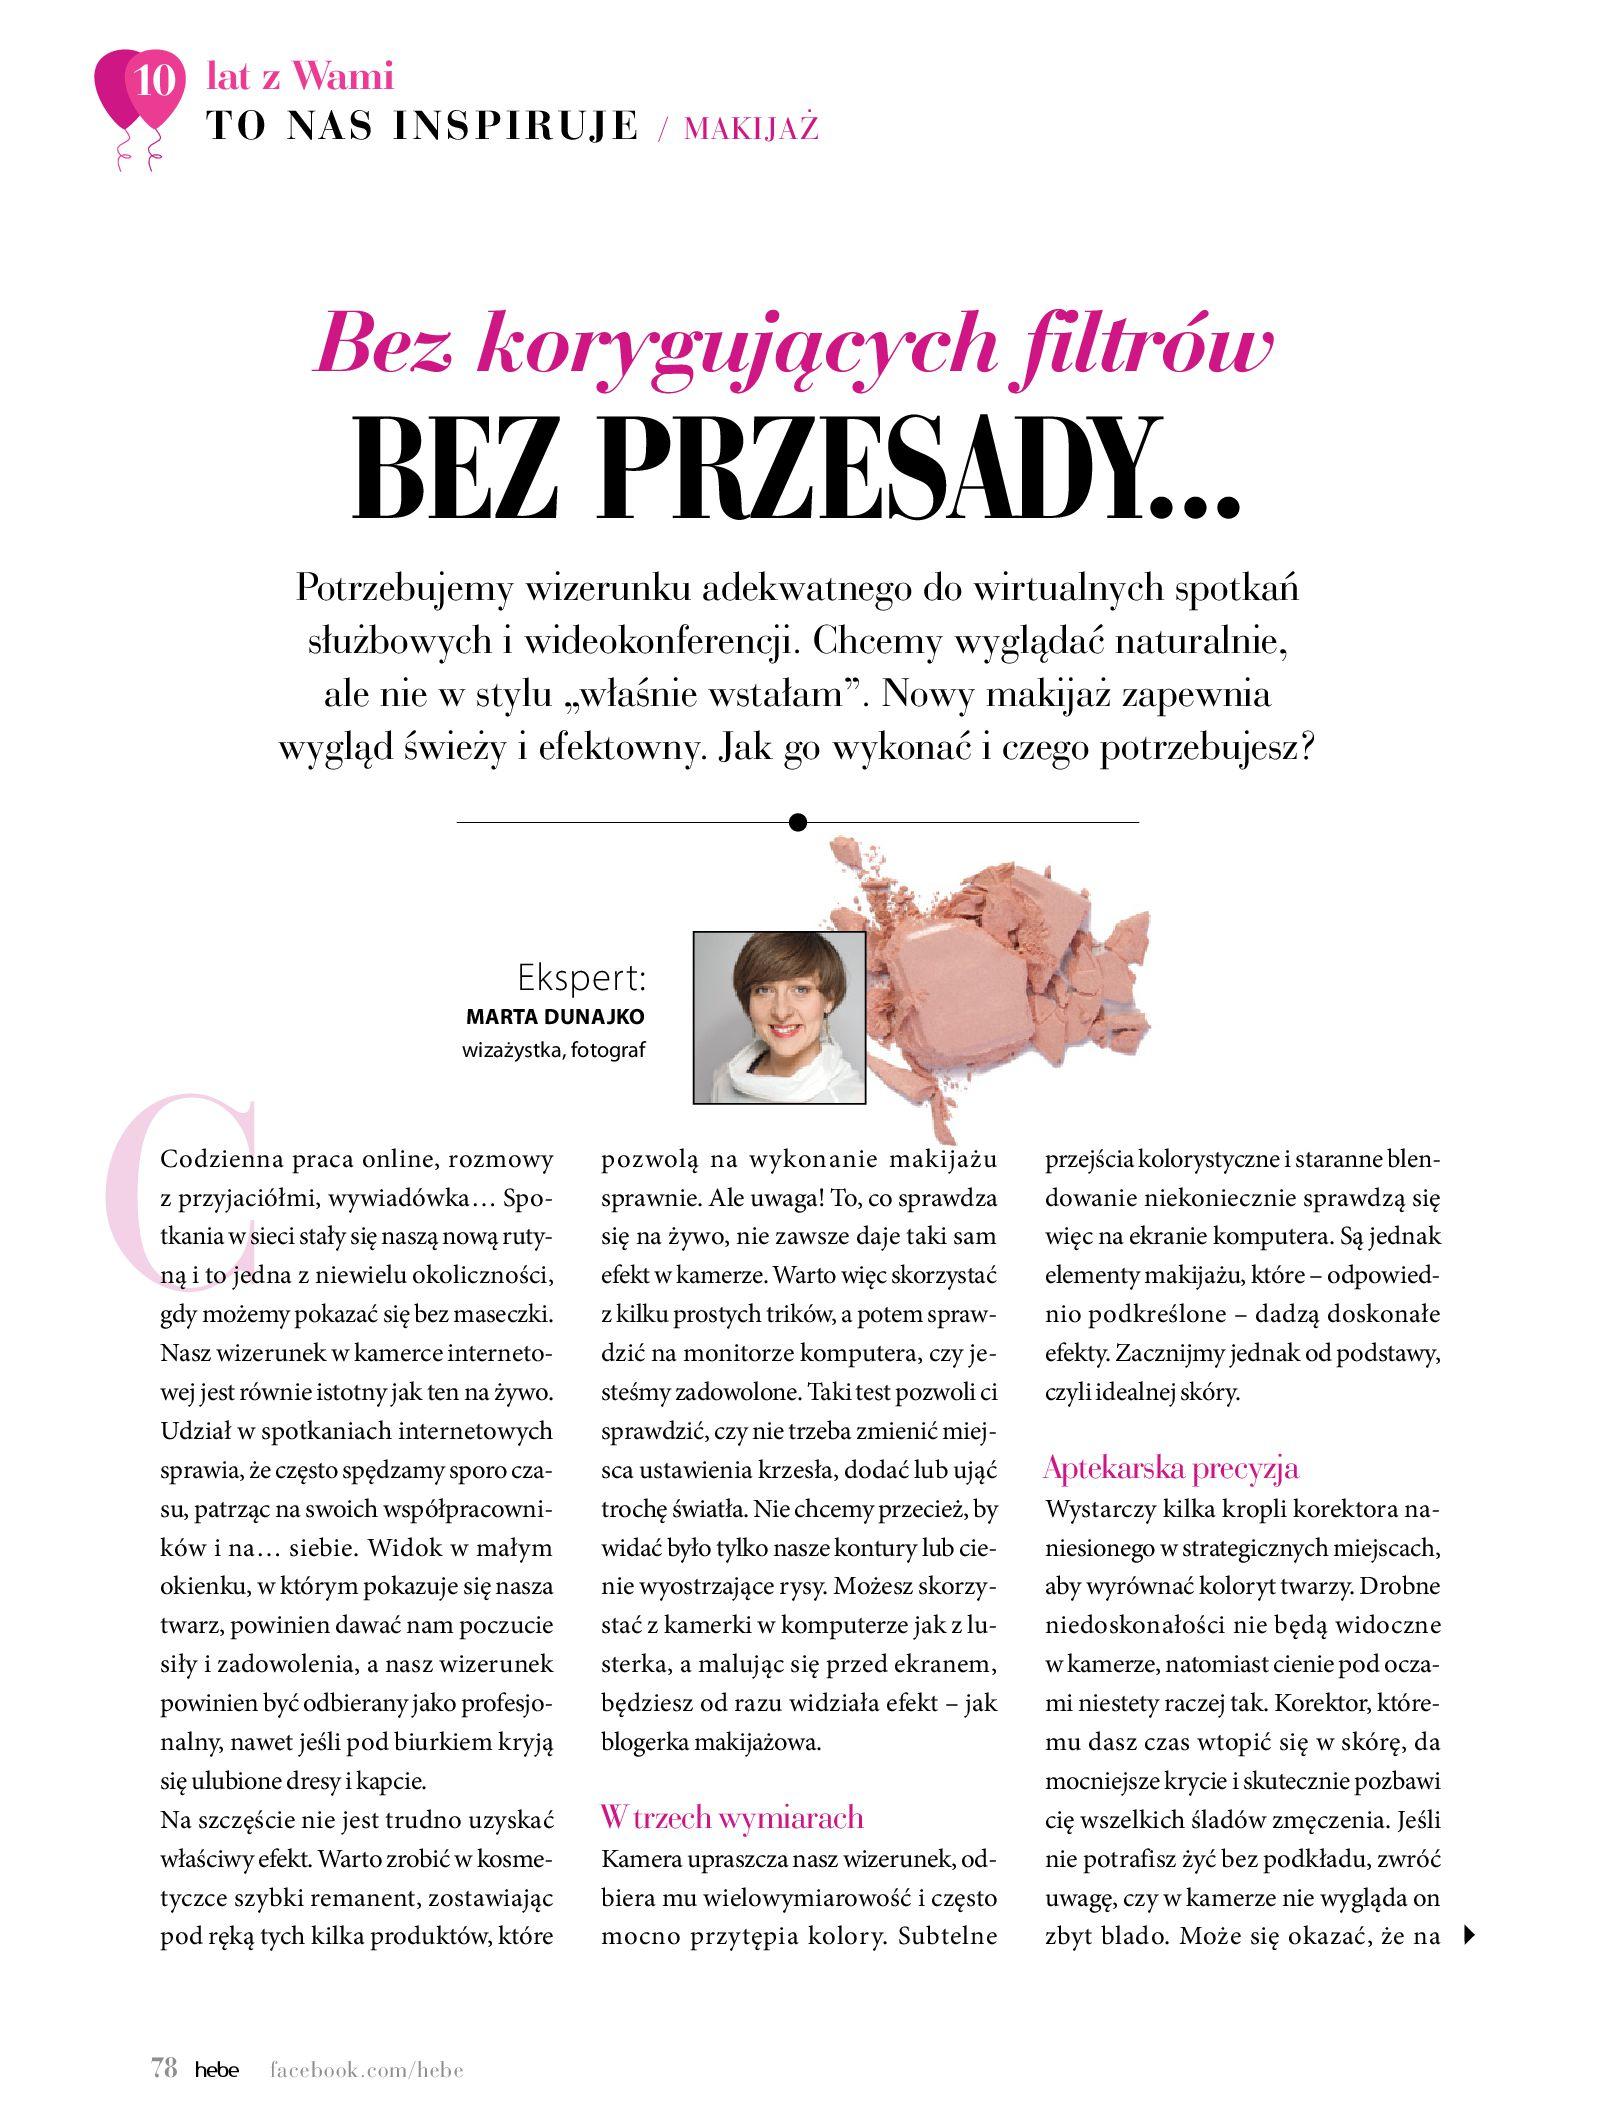 Gazetka hebe: Gazetka Hebe - Magazyn  2021-05-01 page-78